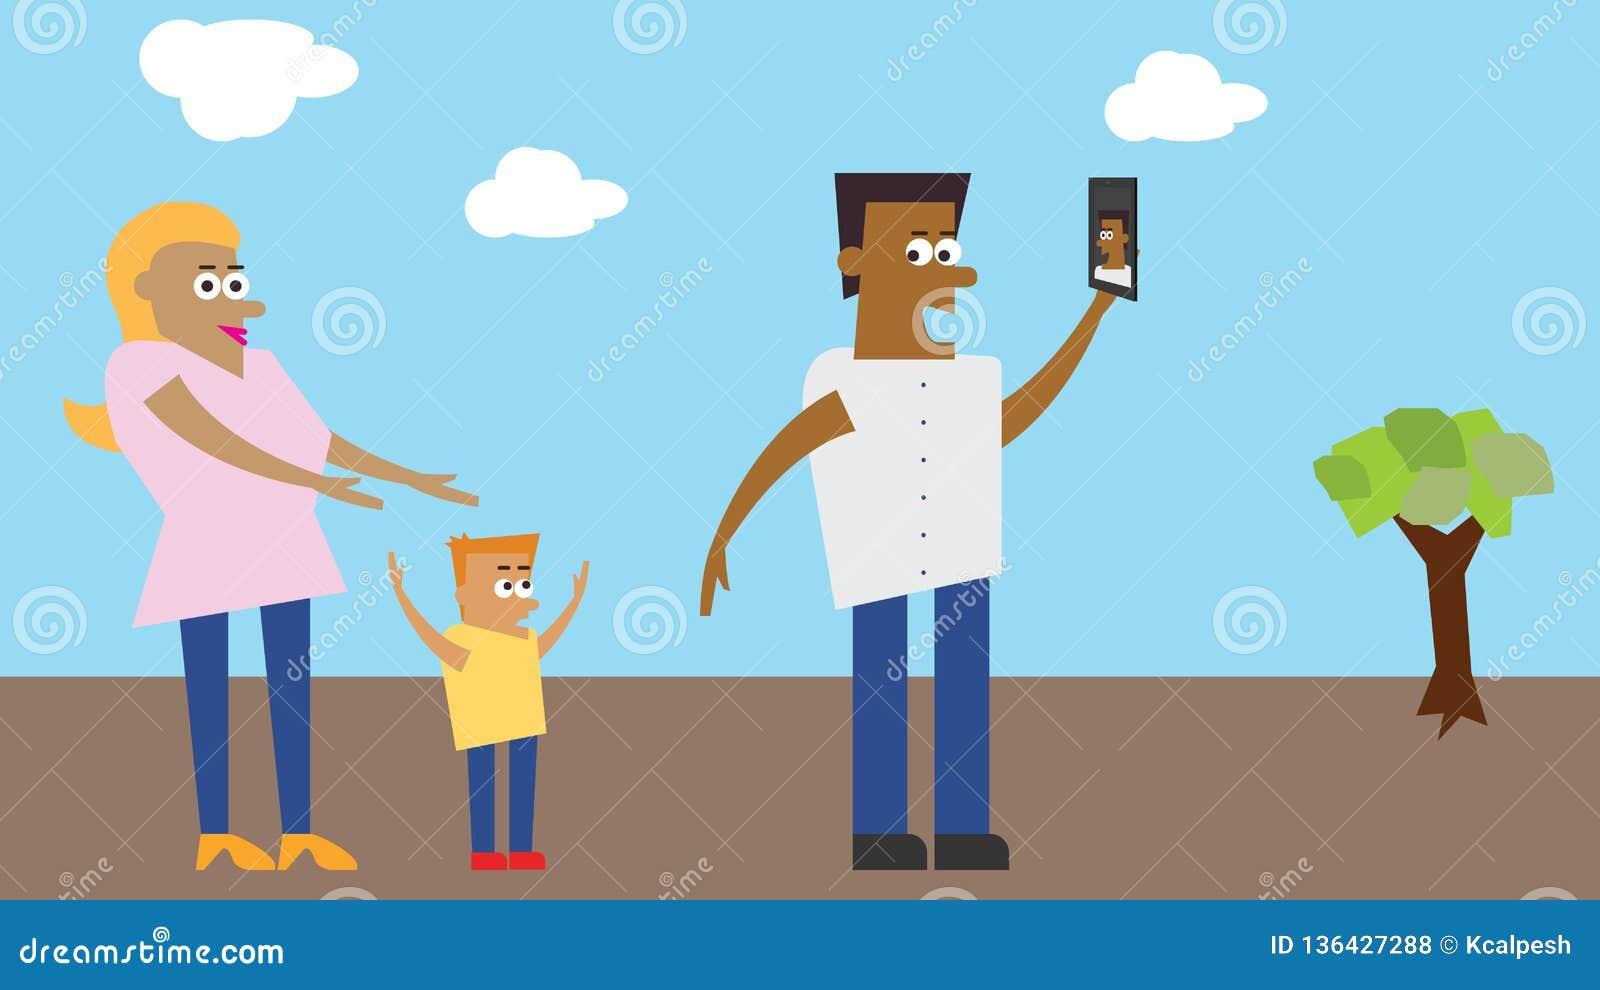 Illustration - Family taking selfie in a park